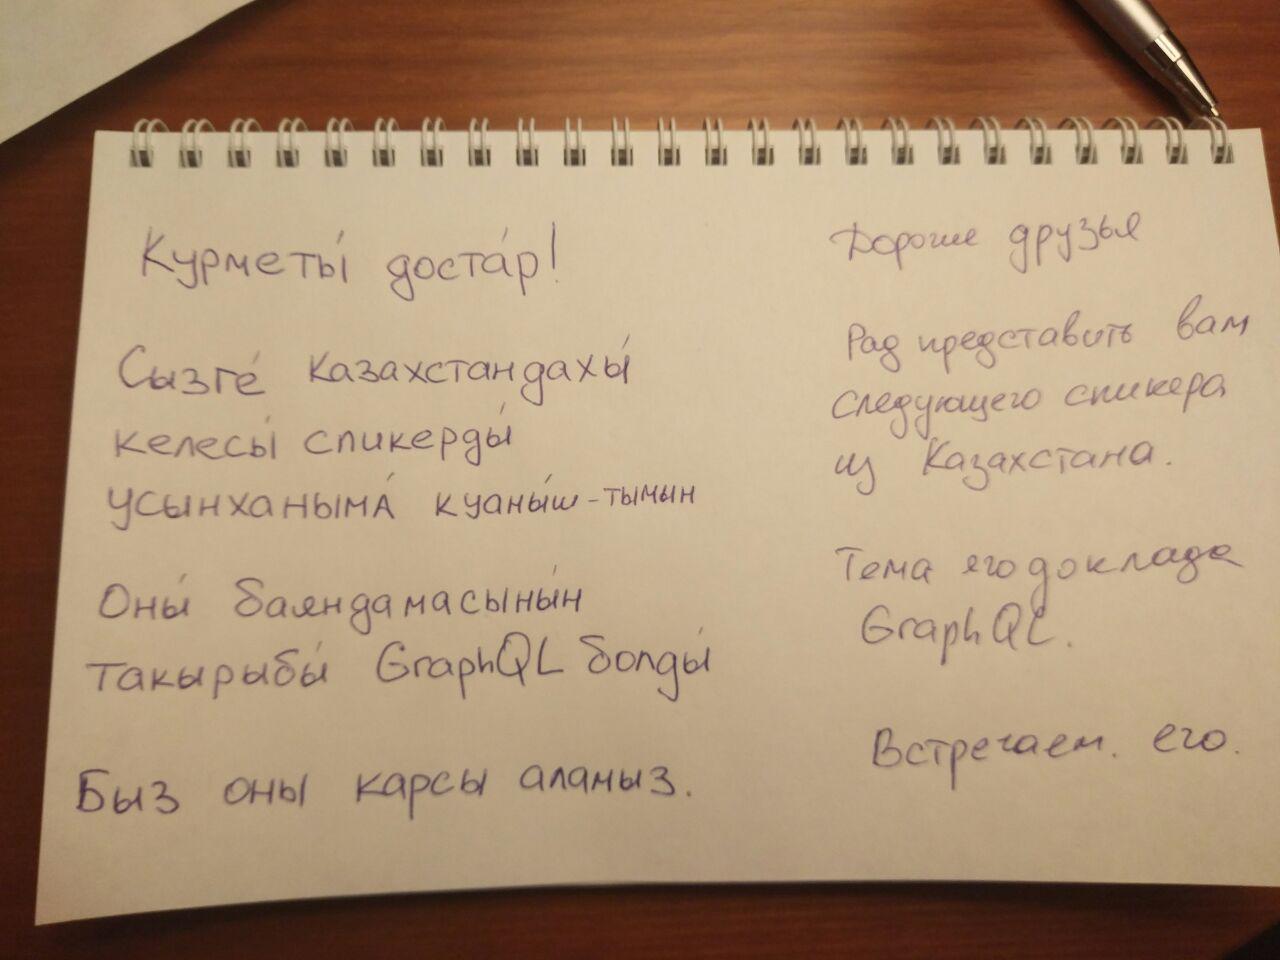 Непоправимые последствия HolyJS 2017 Moscow - 15